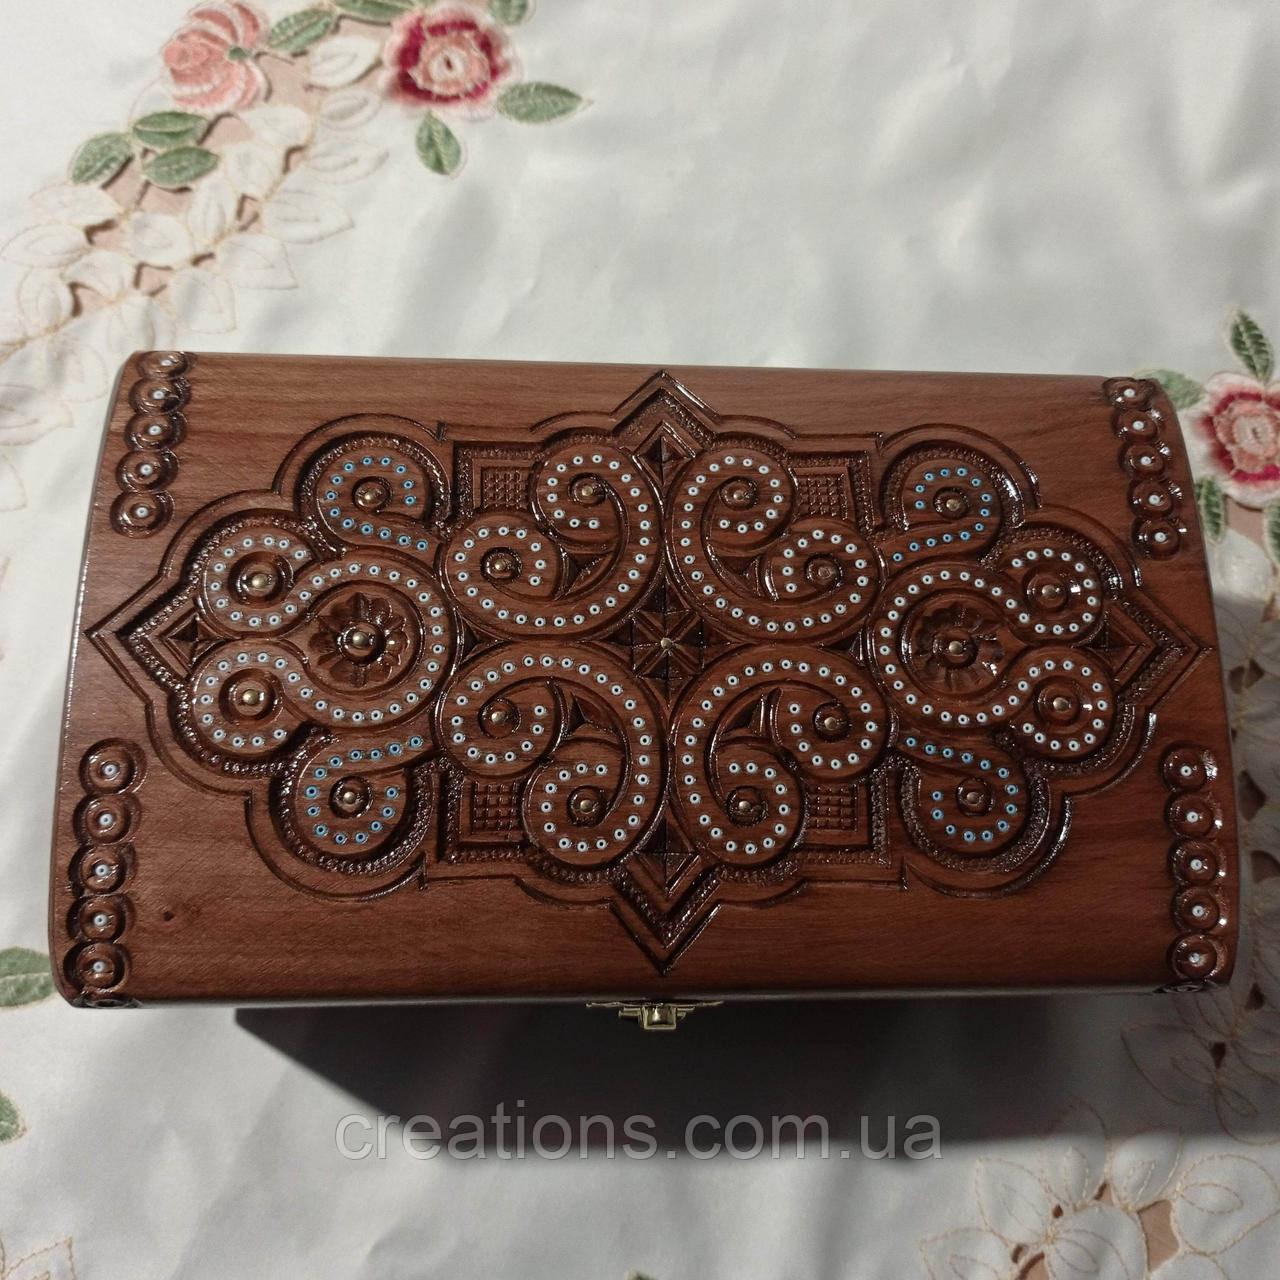 Шкатулка деревянная резная 23*12*11 для украшений, ручная работа